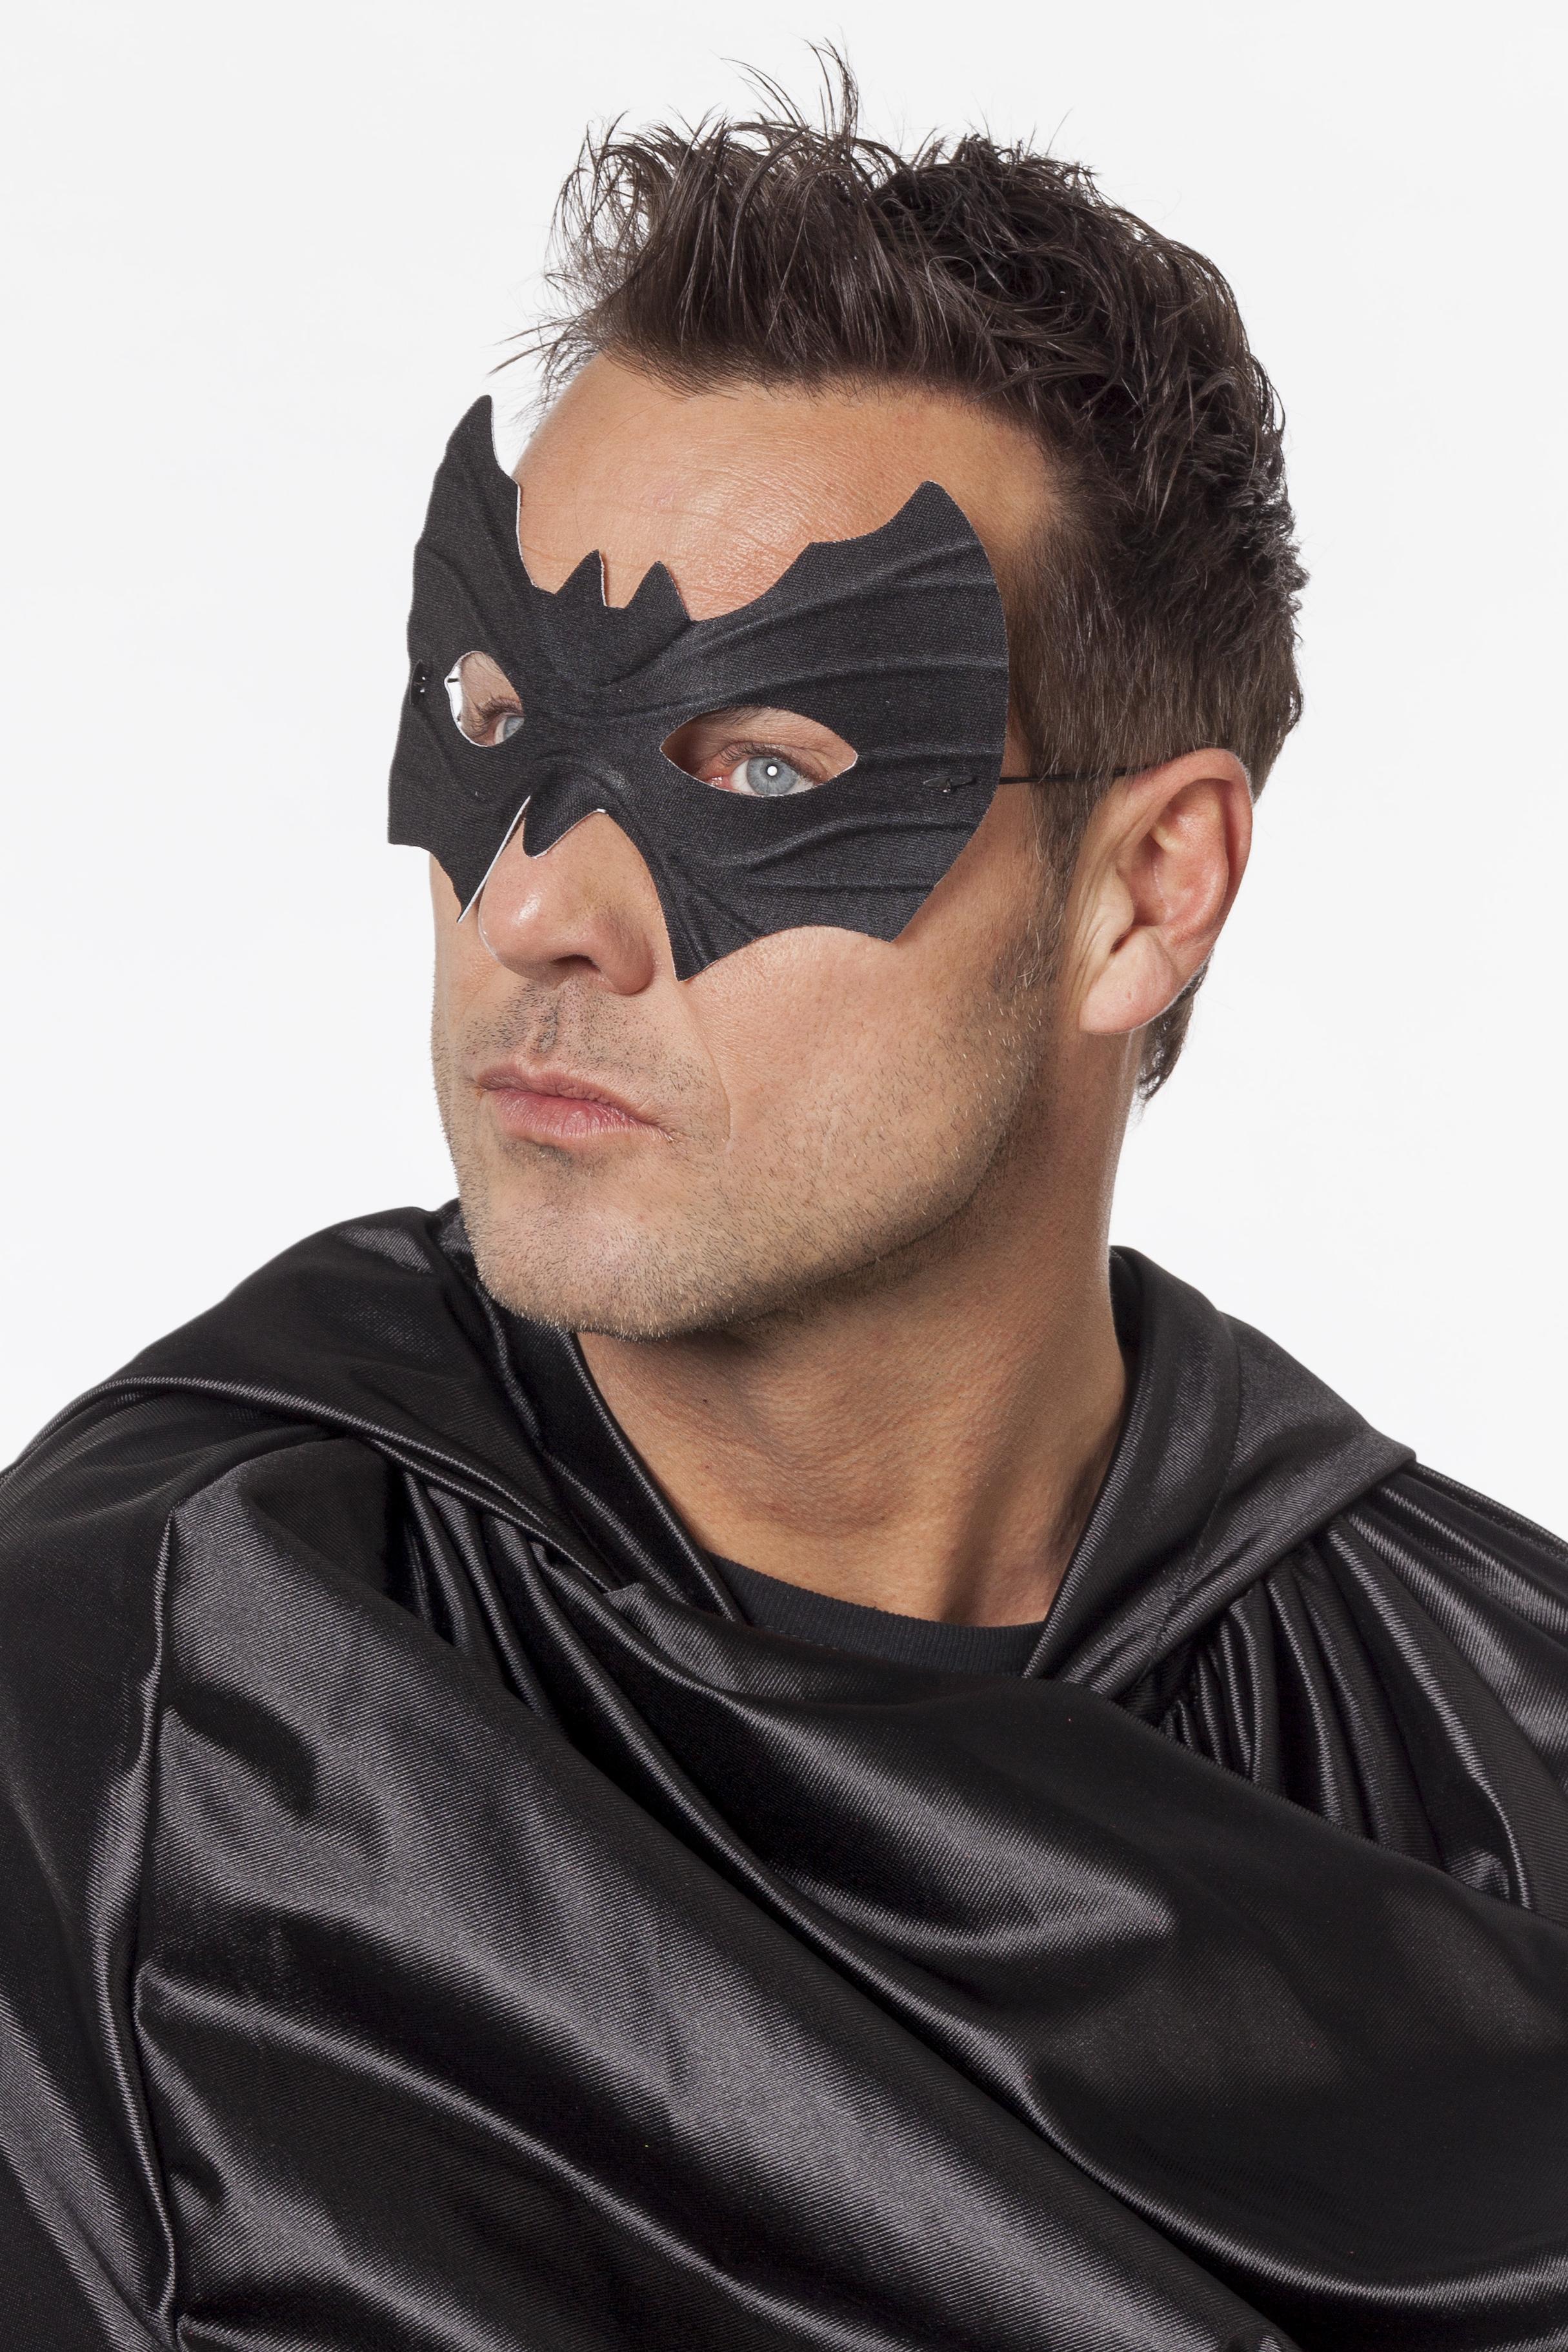 Oogmasker zwart batman